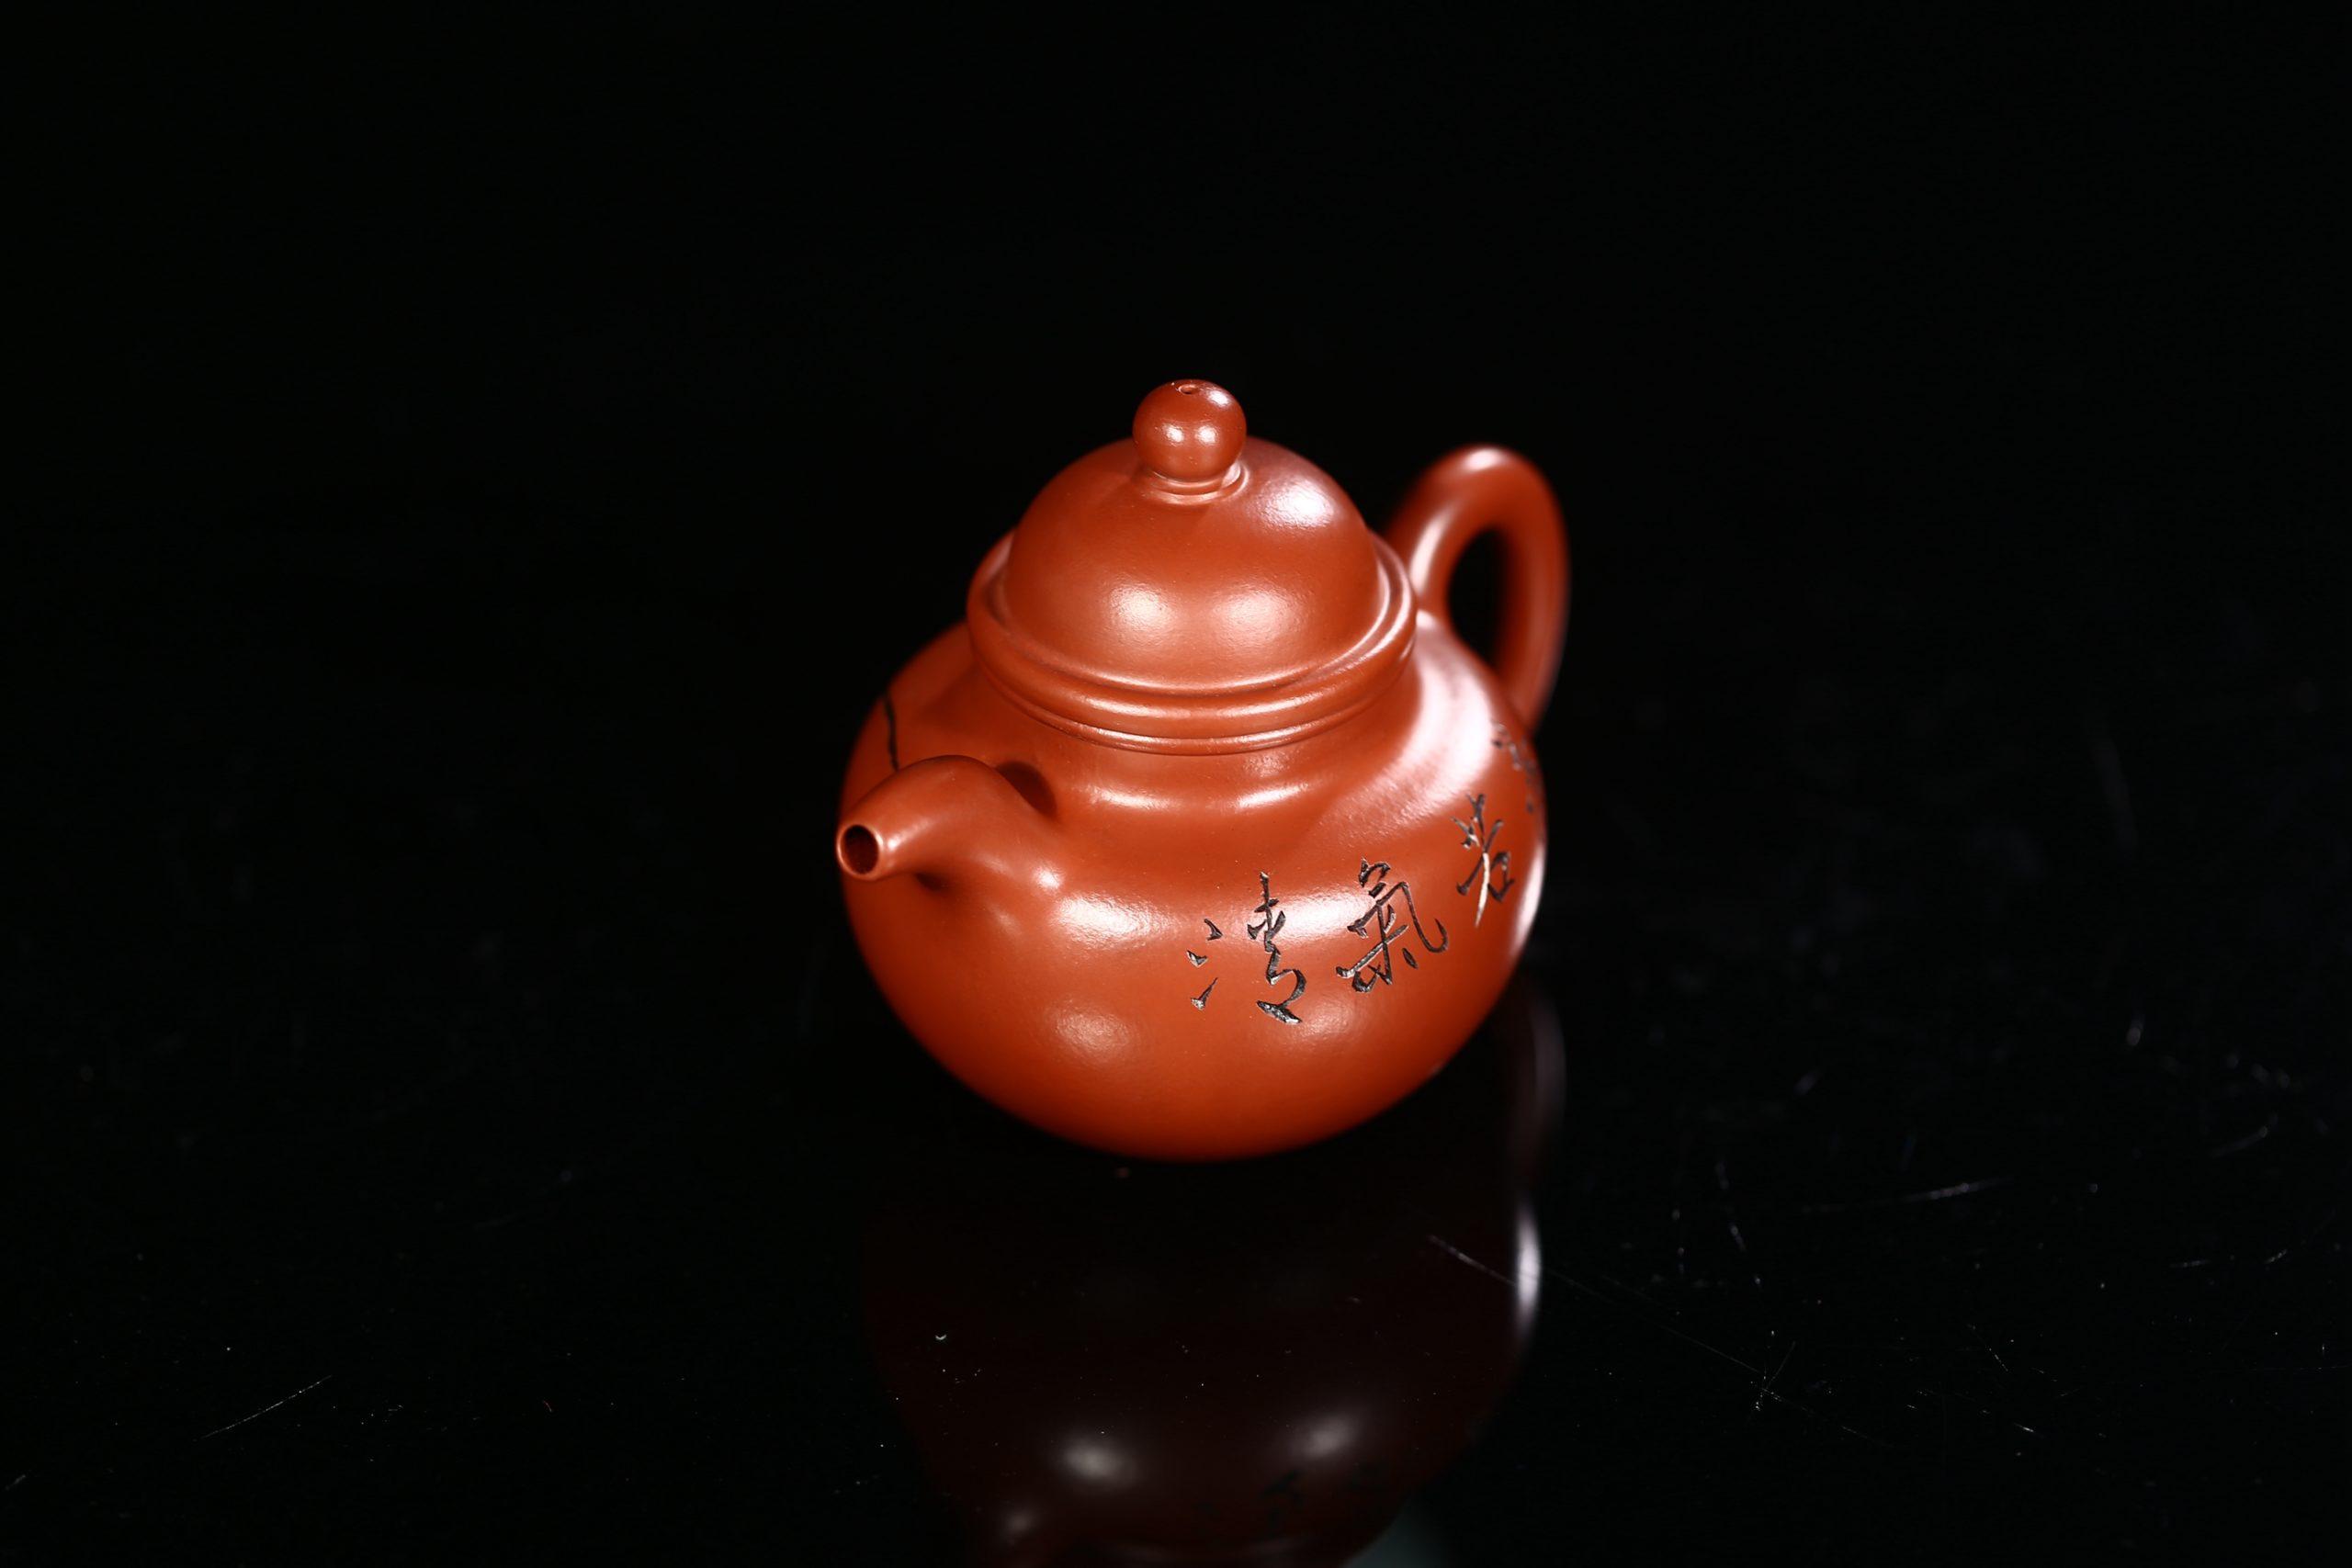 紫砂泥或成稀缺资源 什么价位的紫砂壶最受欢迎?